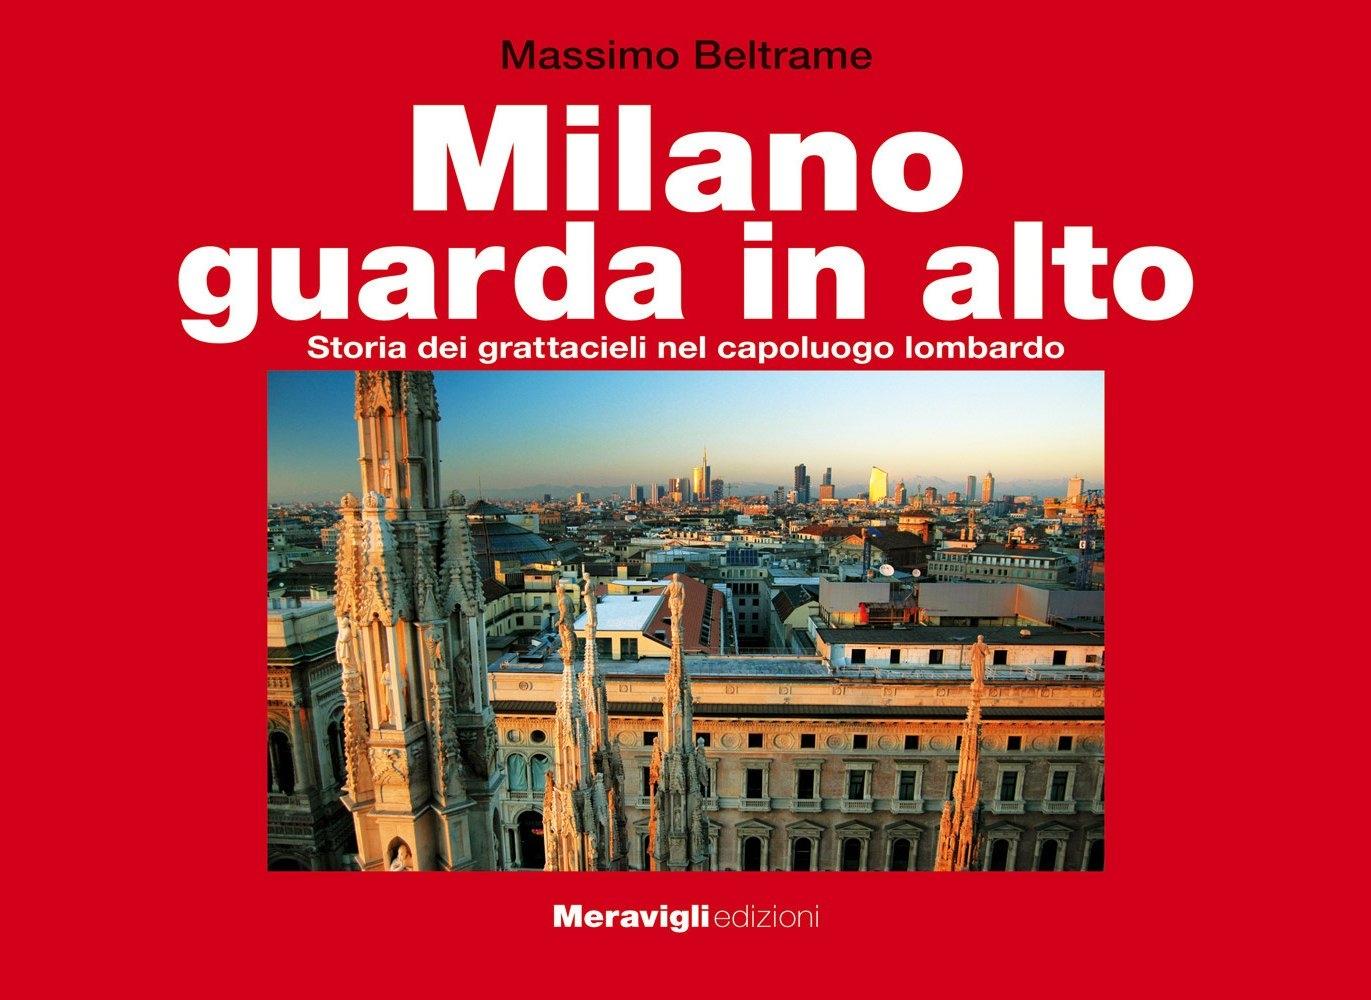 Milano guarda in alto. Storia dei grattacieli nel capoluogo lombardo